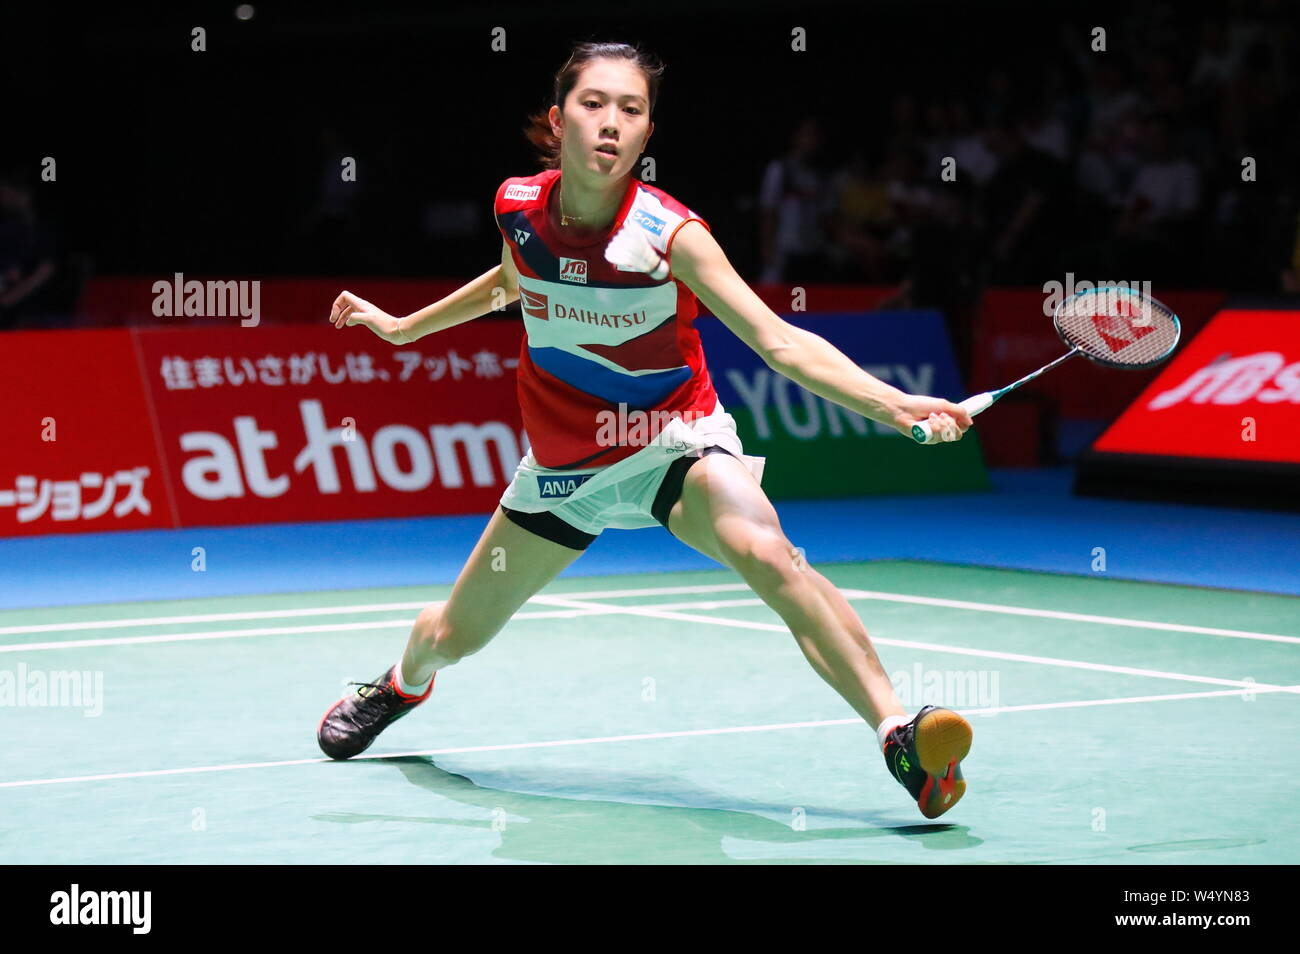 Tokyo, Japan  25th July, 2019  Aya Ohori (JPN) Badminton